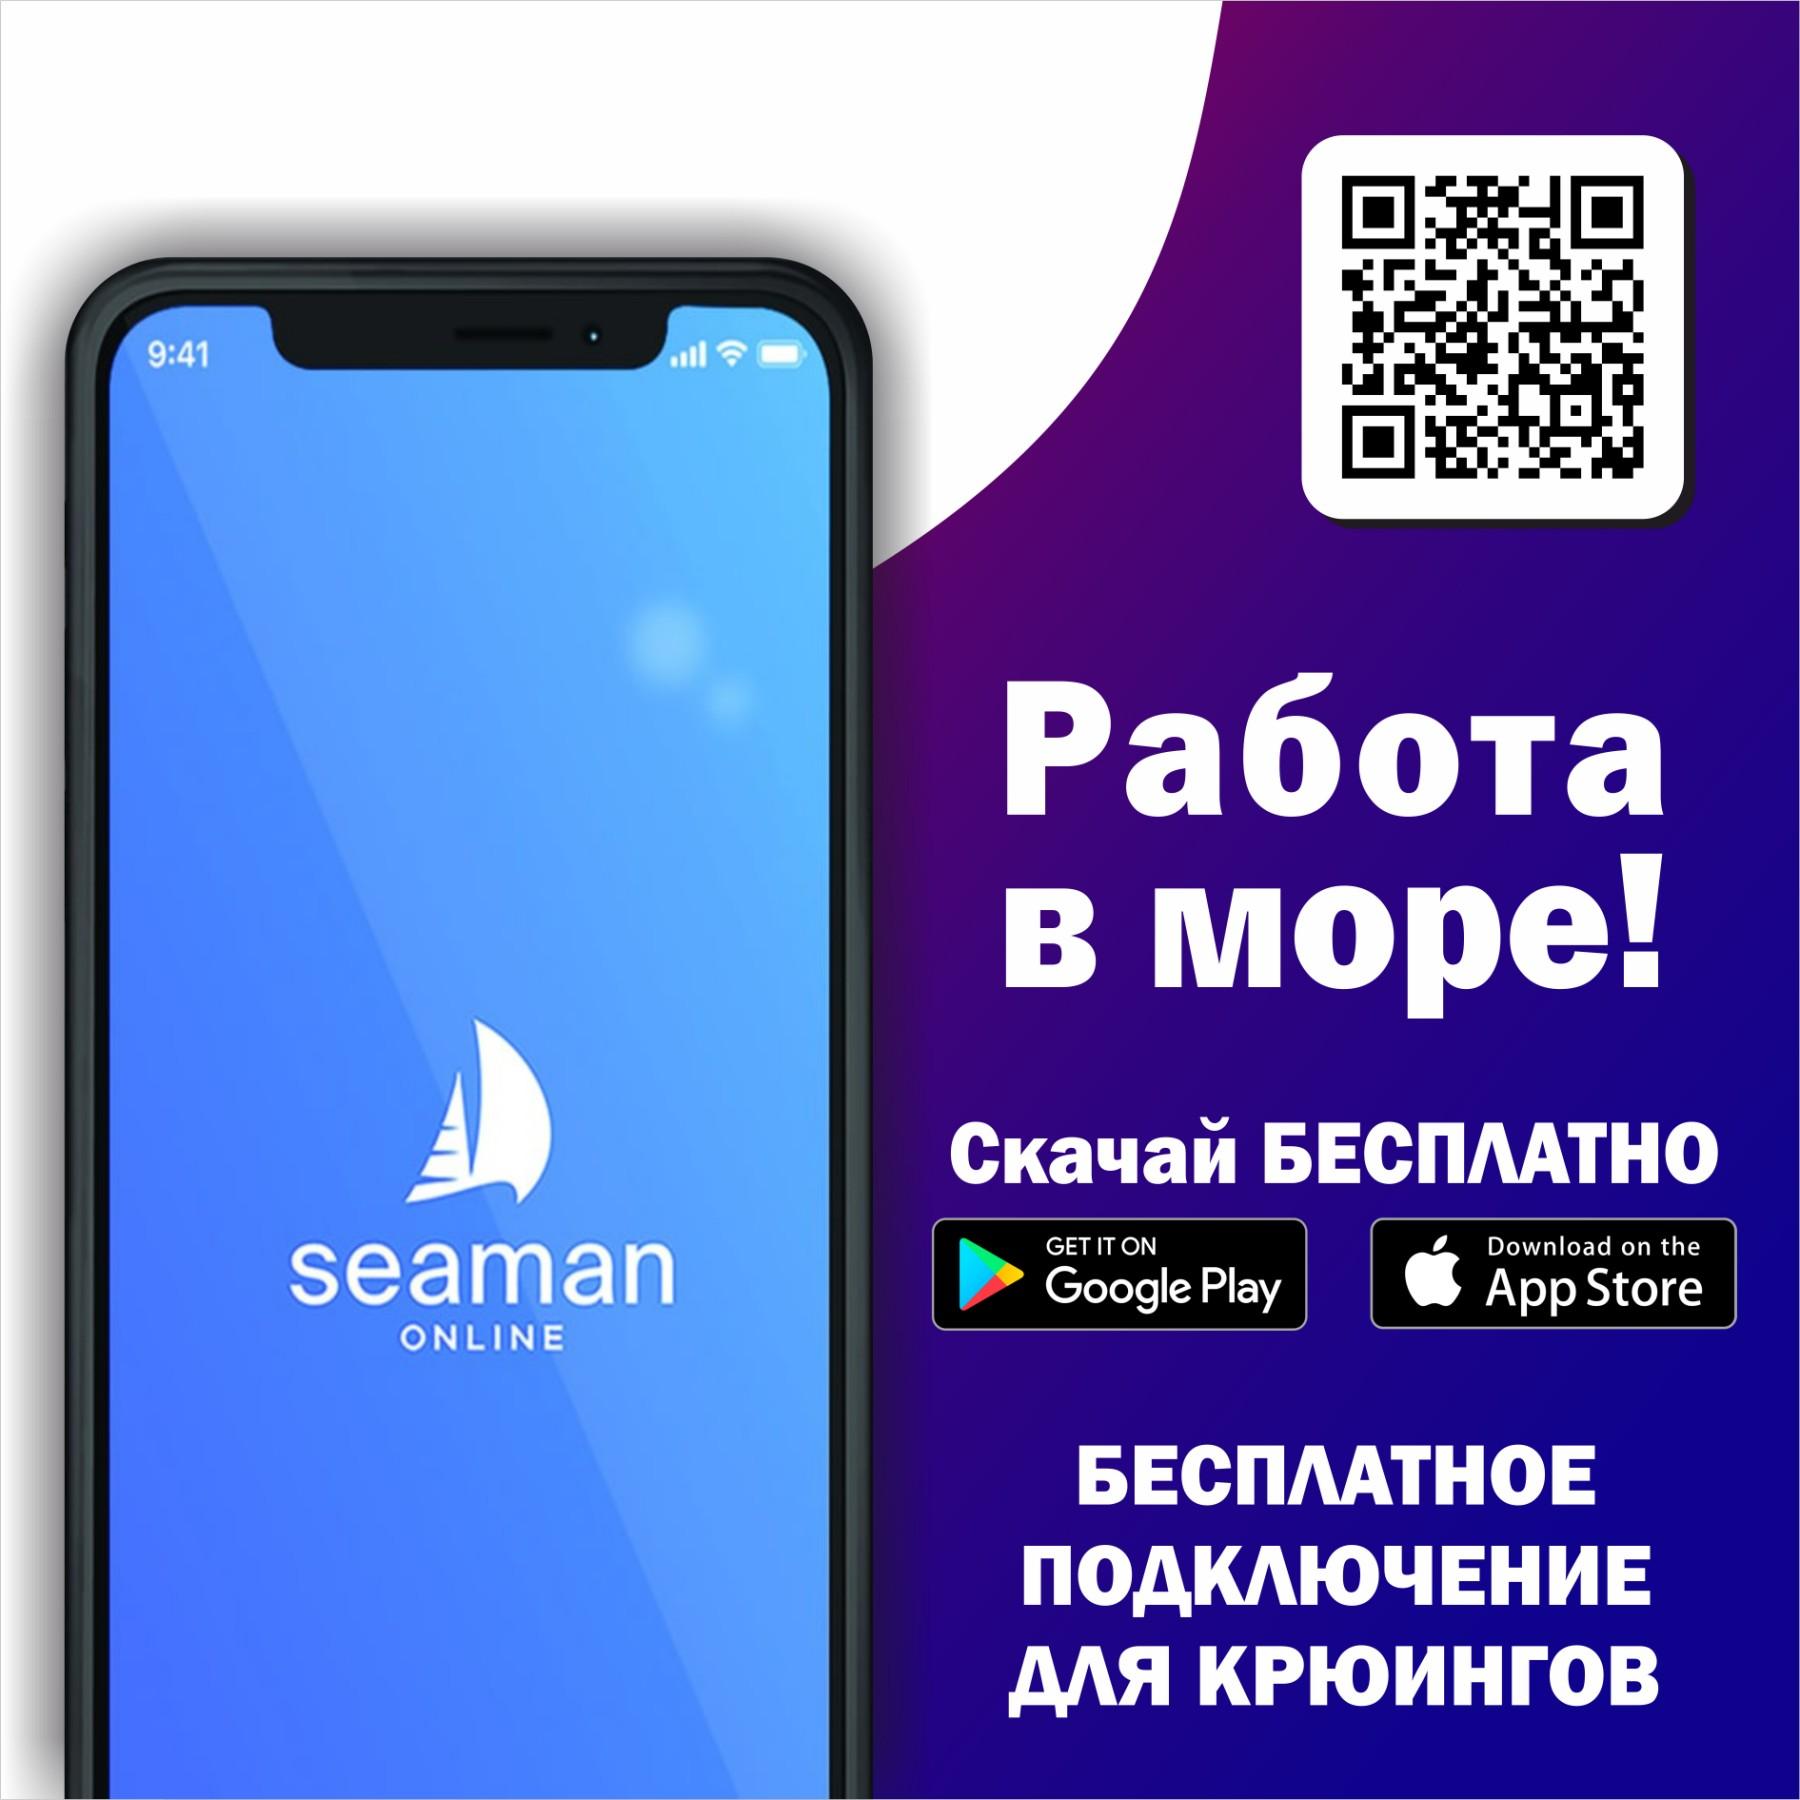 Seaman Online